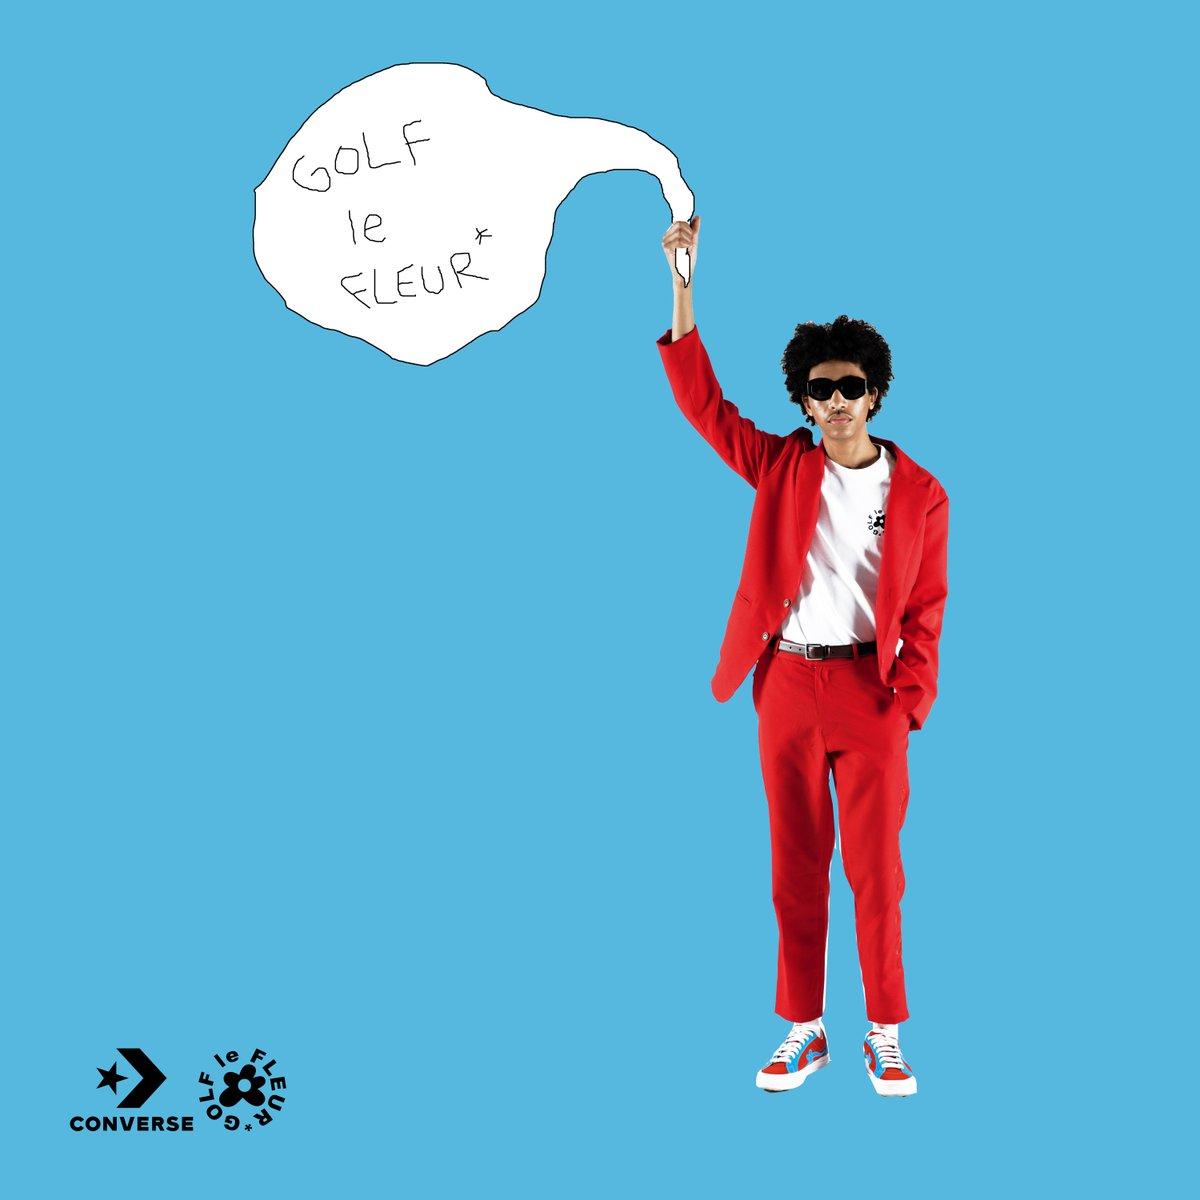 Red And Blue Dreams Come True Golf Le Fleur X Converse